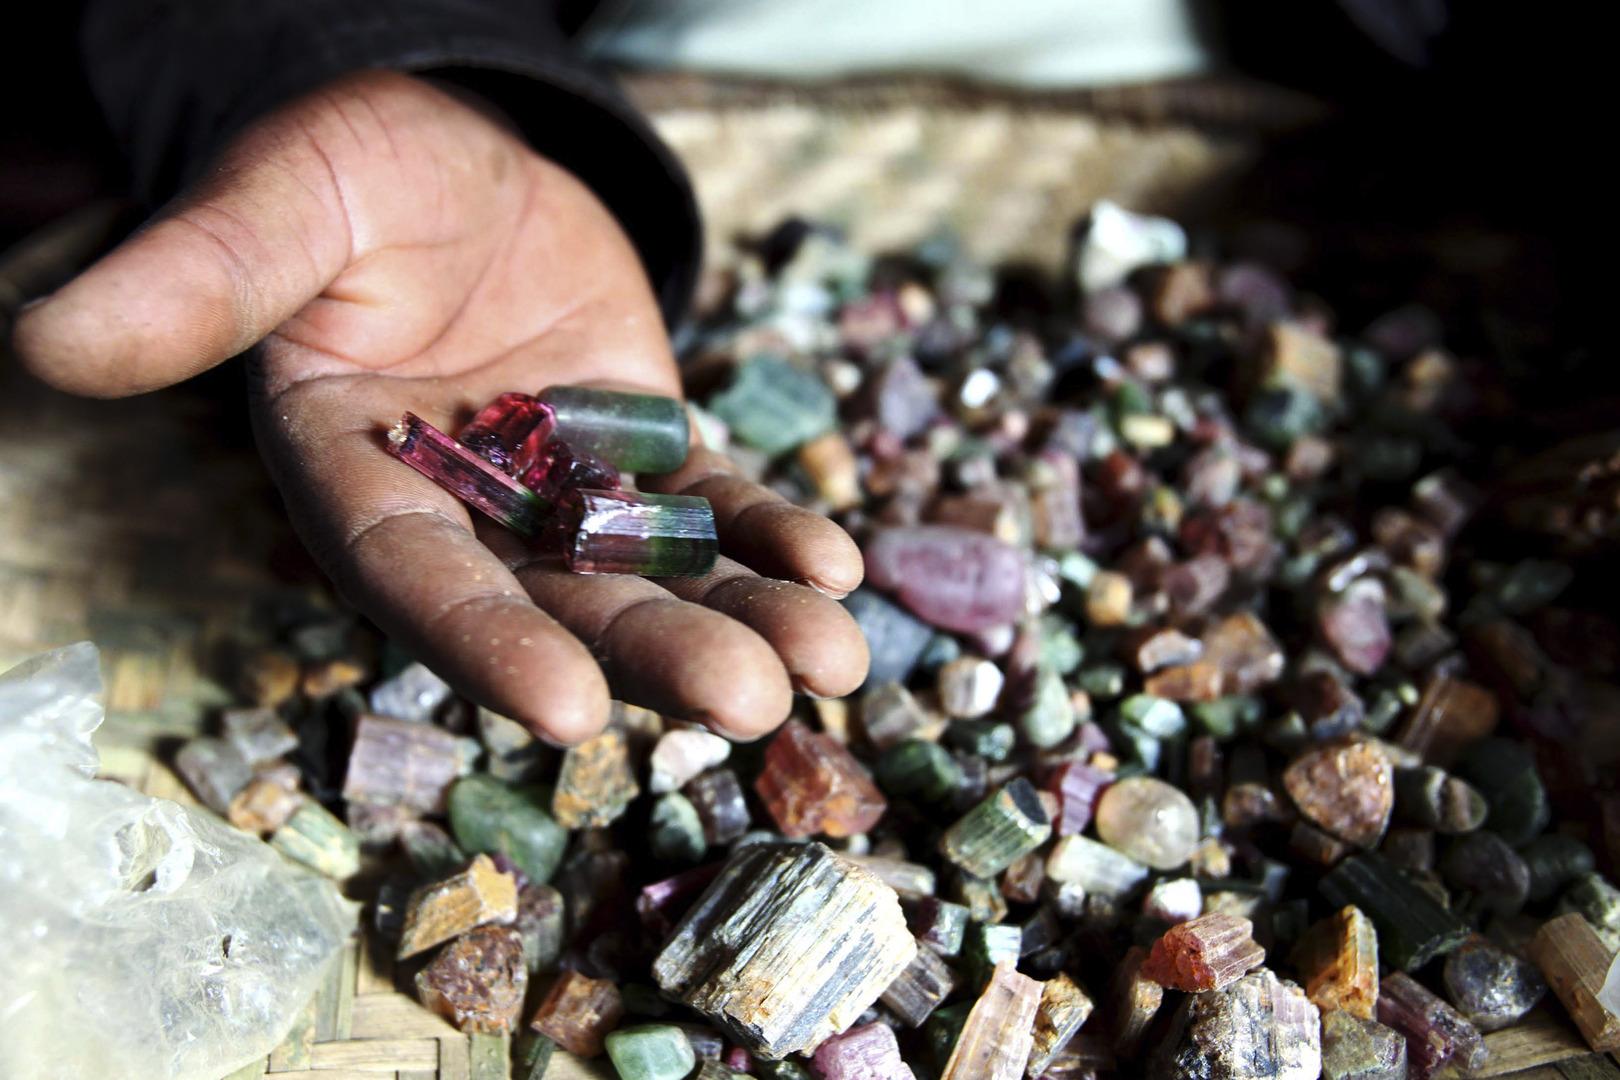 العثور على حجر كريم يشبه